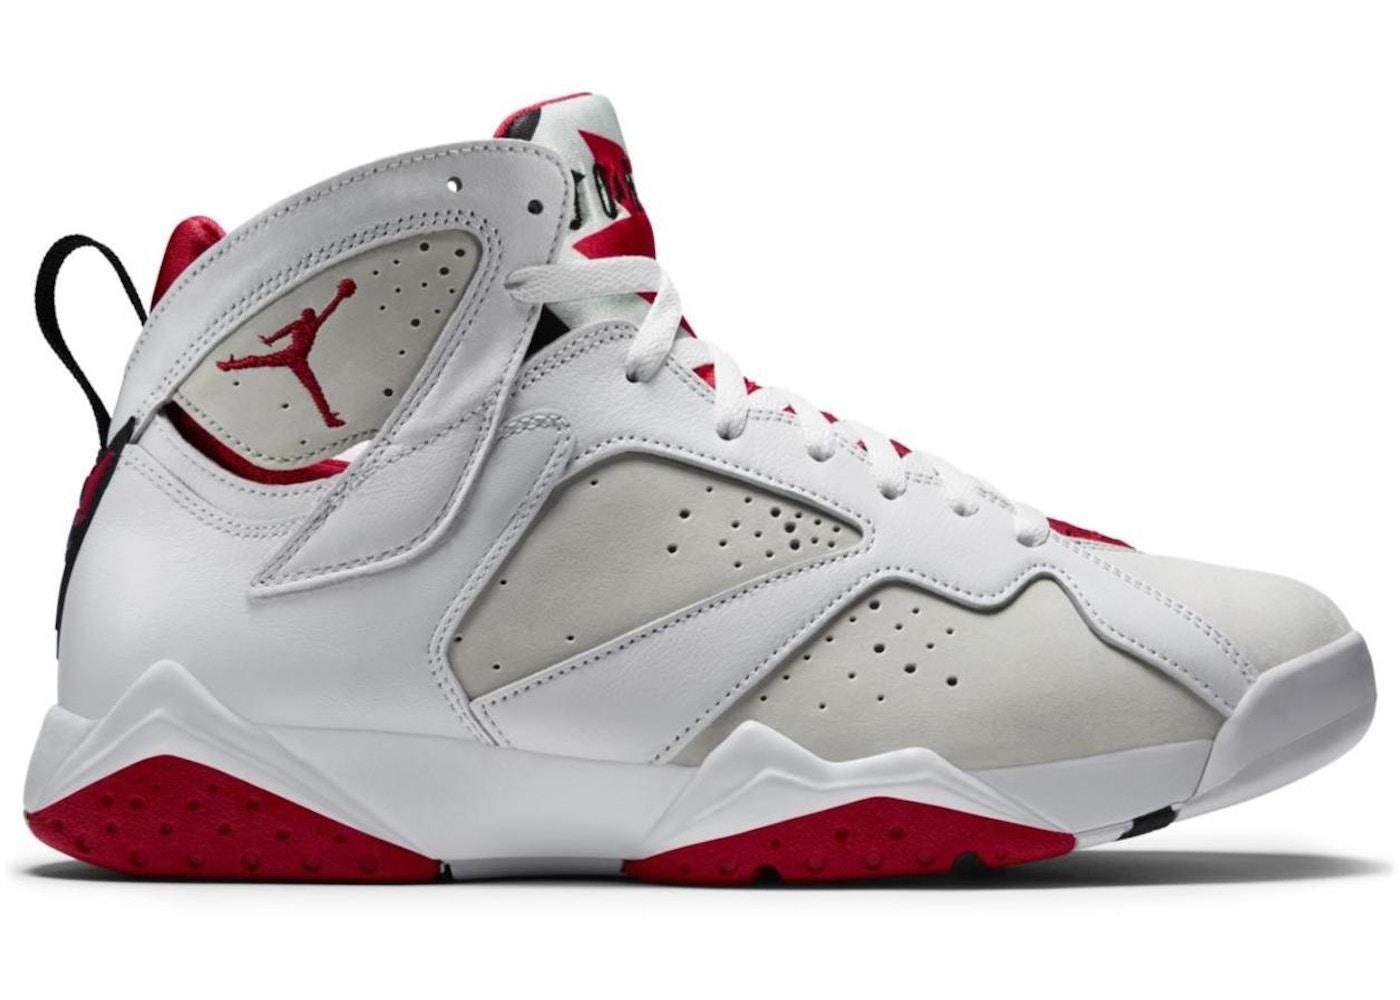 buy online 57af9 a06bc Jordan 7 Retro Hare (2015) - 304775-125